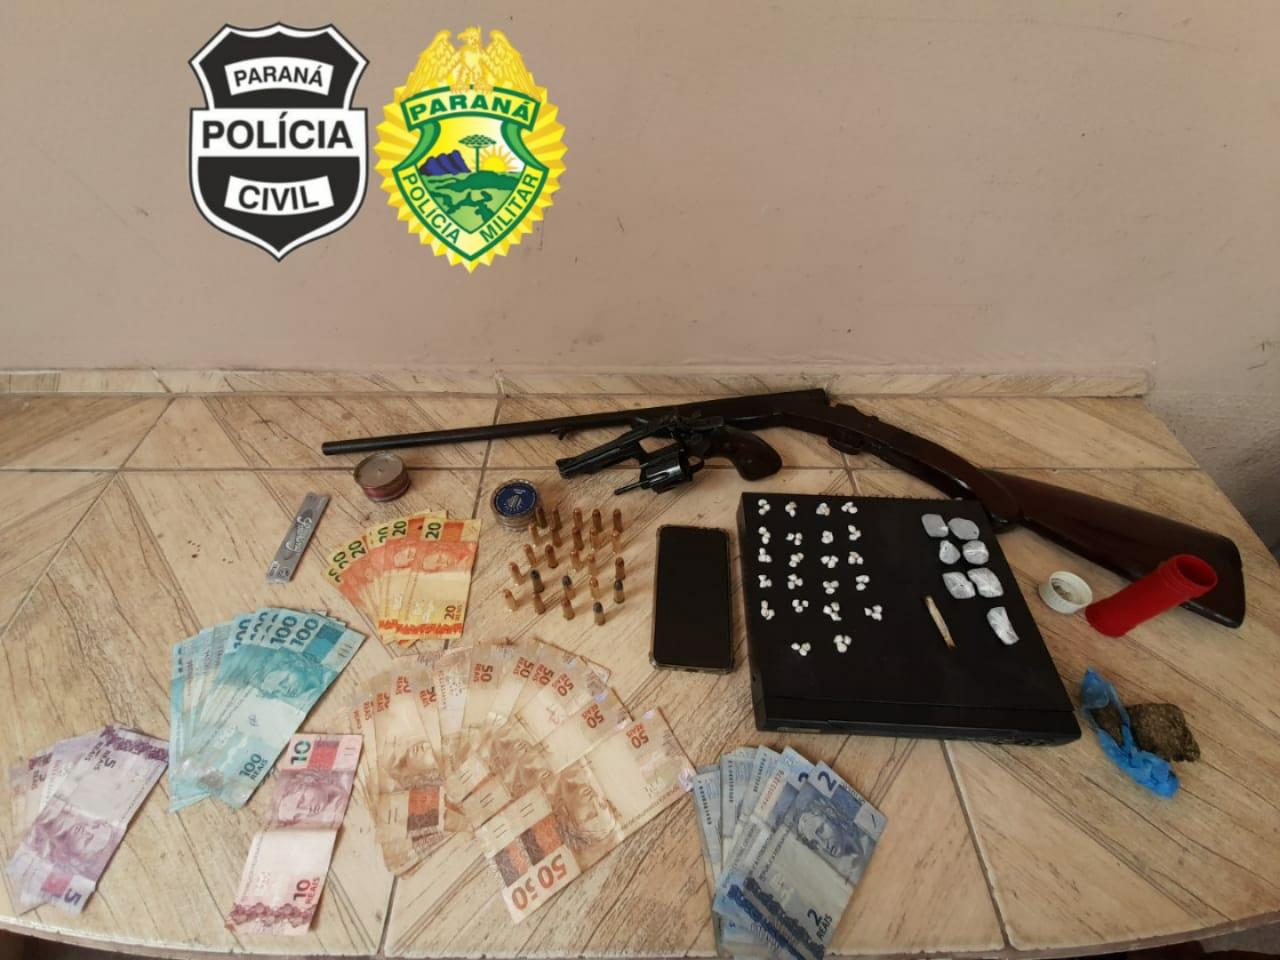 Ação conjunta apreende duas armas de fogo e drogas em Morretes